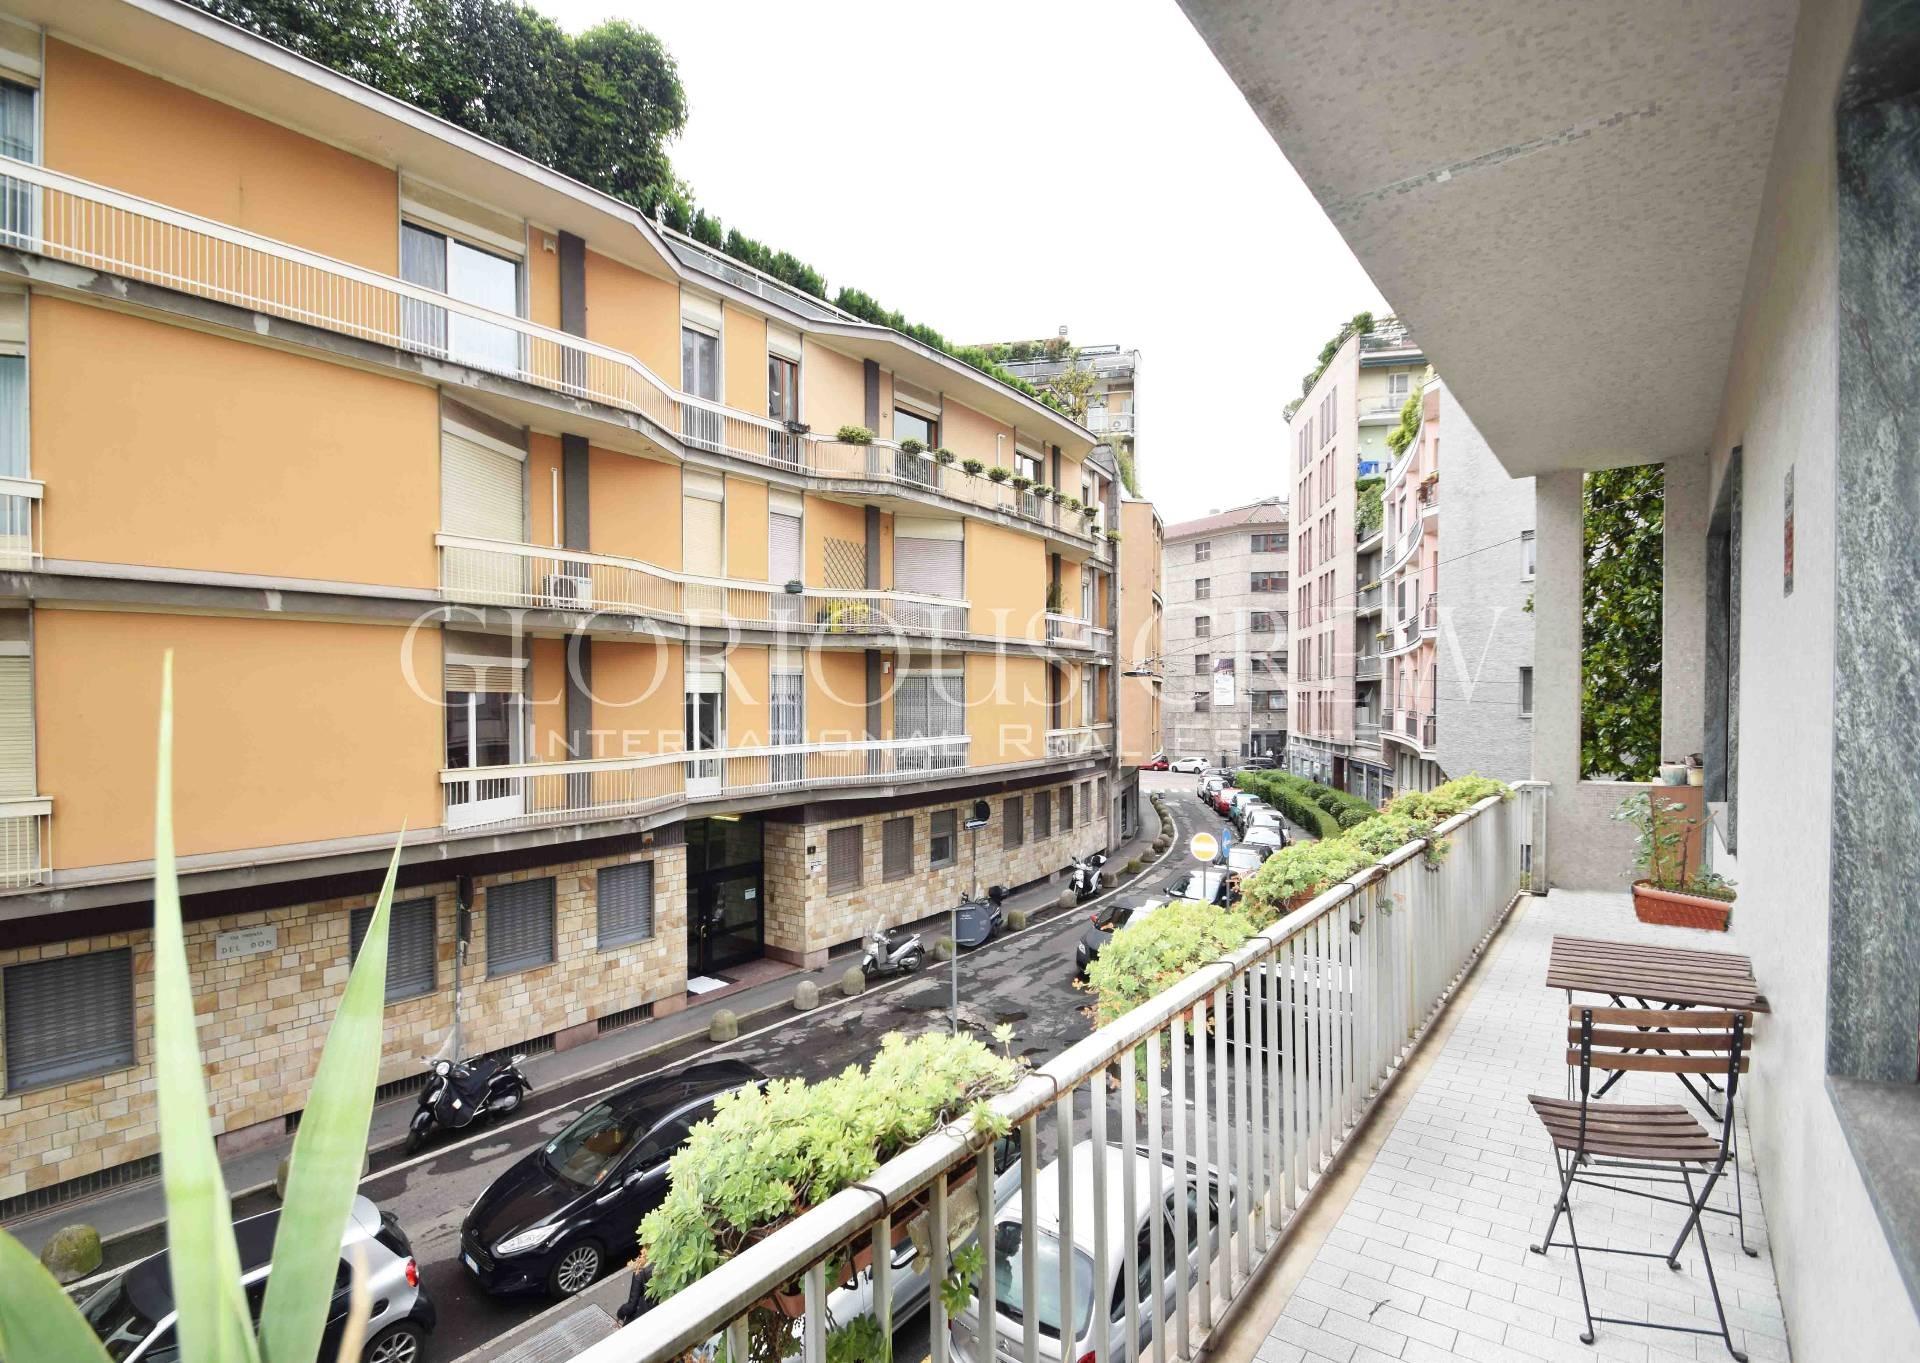 Appartamento in Vendita a Milano 01 Centro storico (Cerchia dei Navigli):  5 locali, 175 mq  - Foto 1